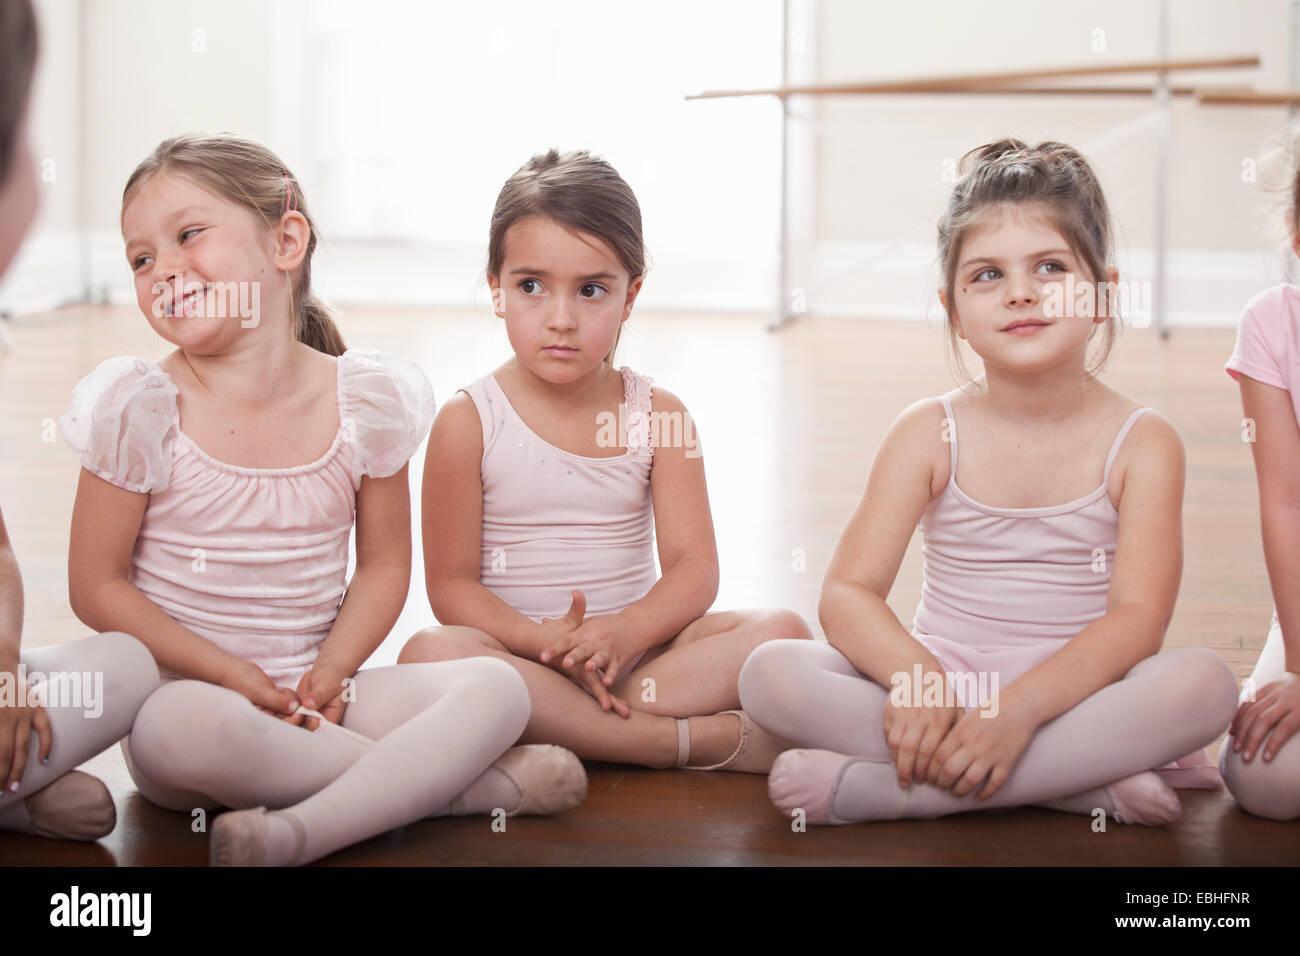 El grupo de niñas sentados en el suelo en la escuela de ballet Foto de stock